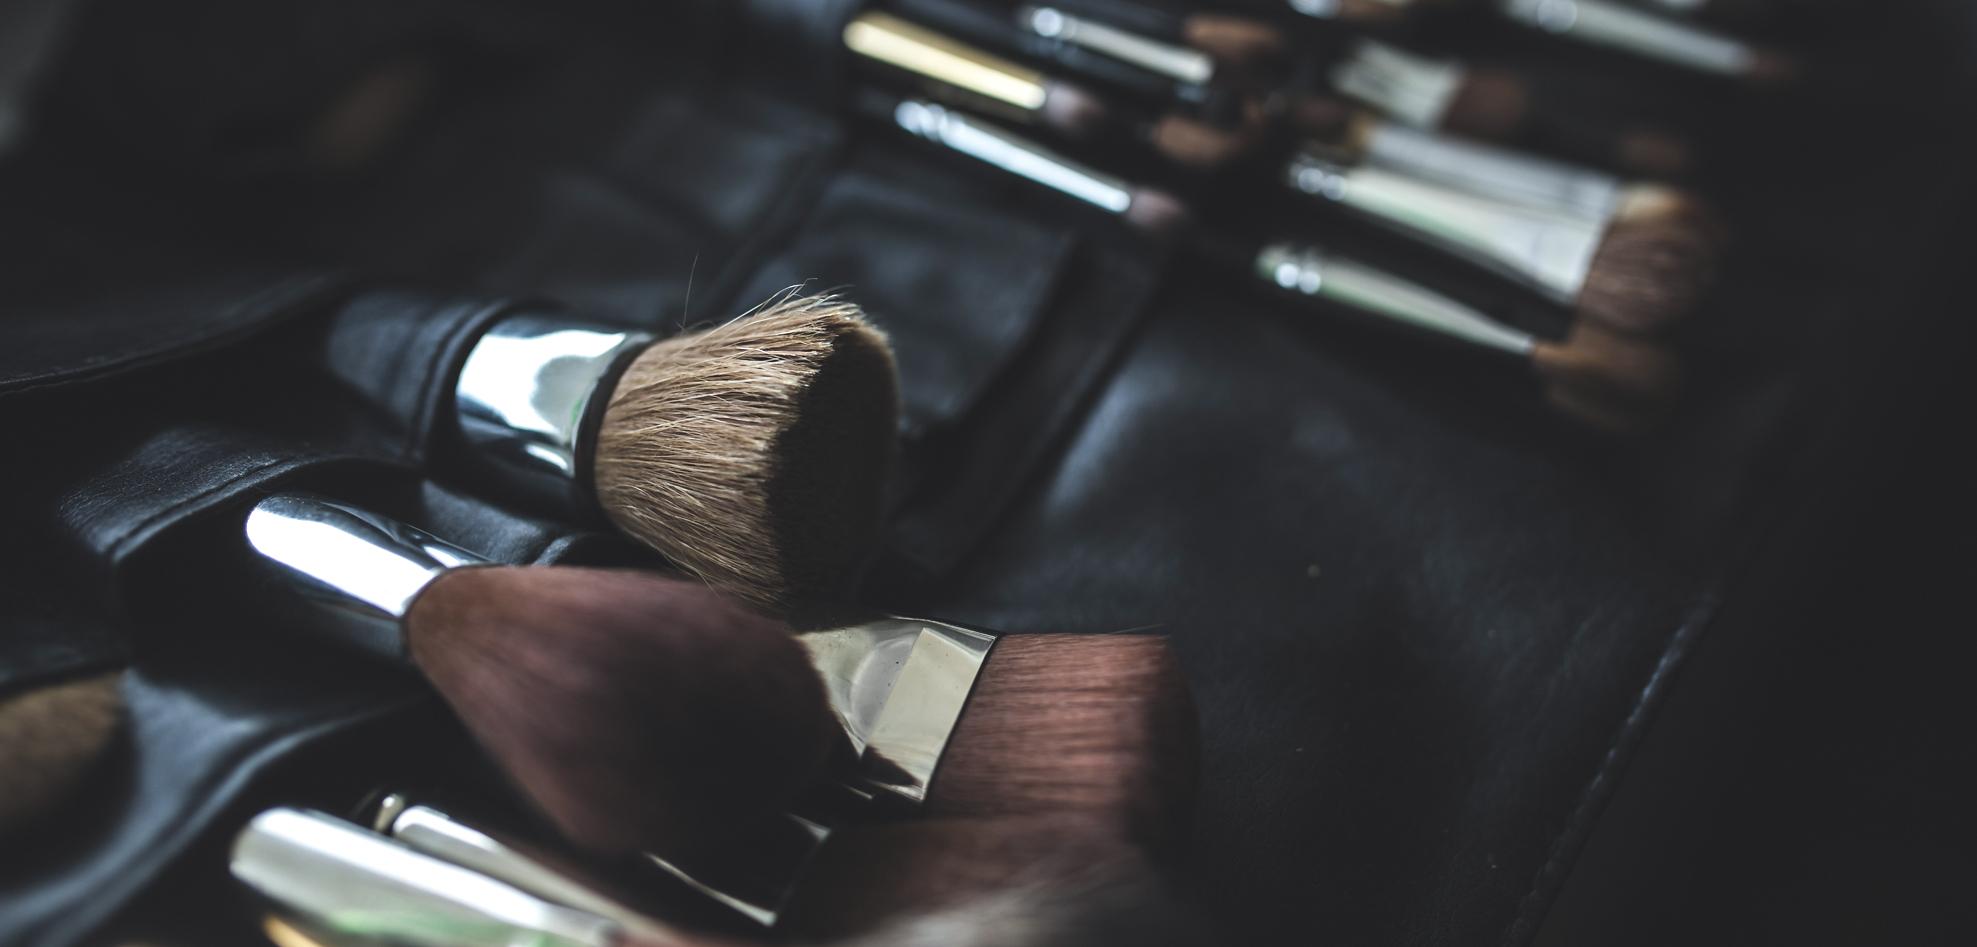 Sephora: 13 Non-Toxic Beauty Brands